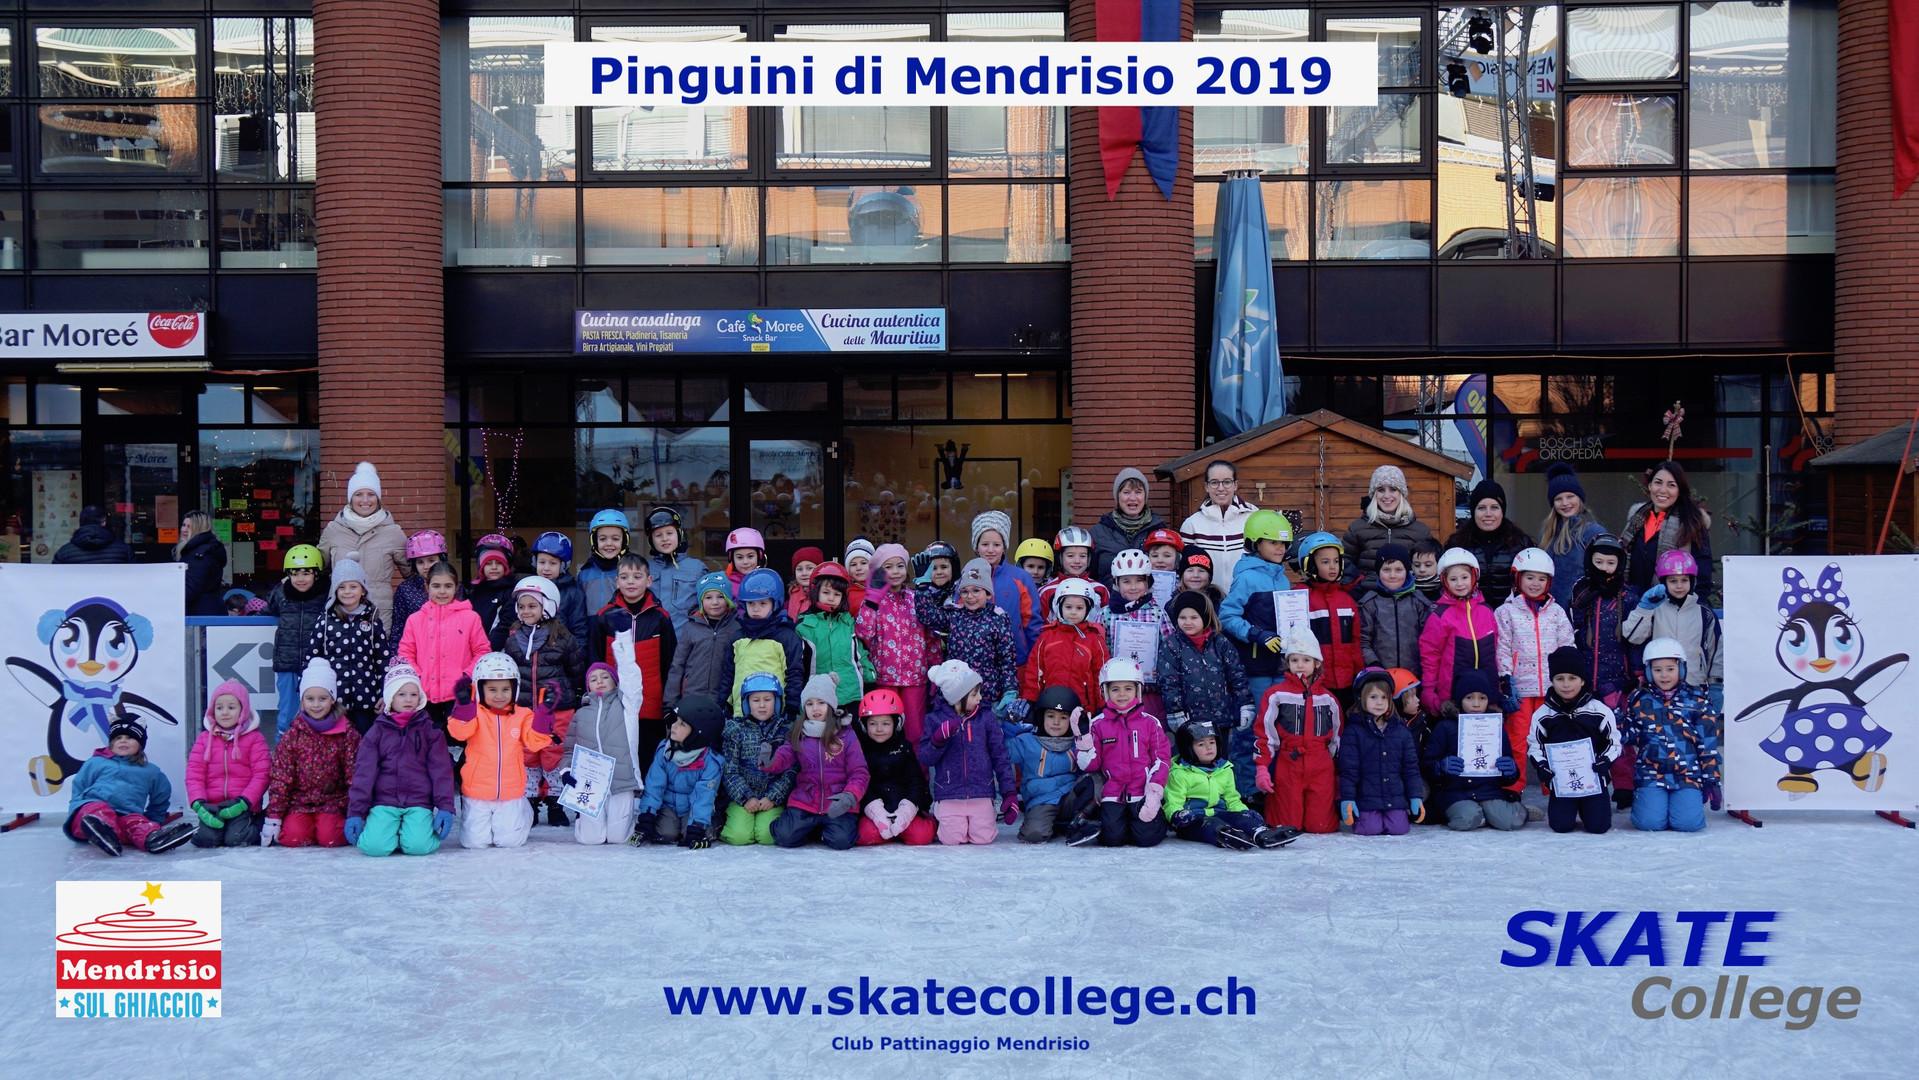 Pinguini_2019_MsulG-logo.jpg